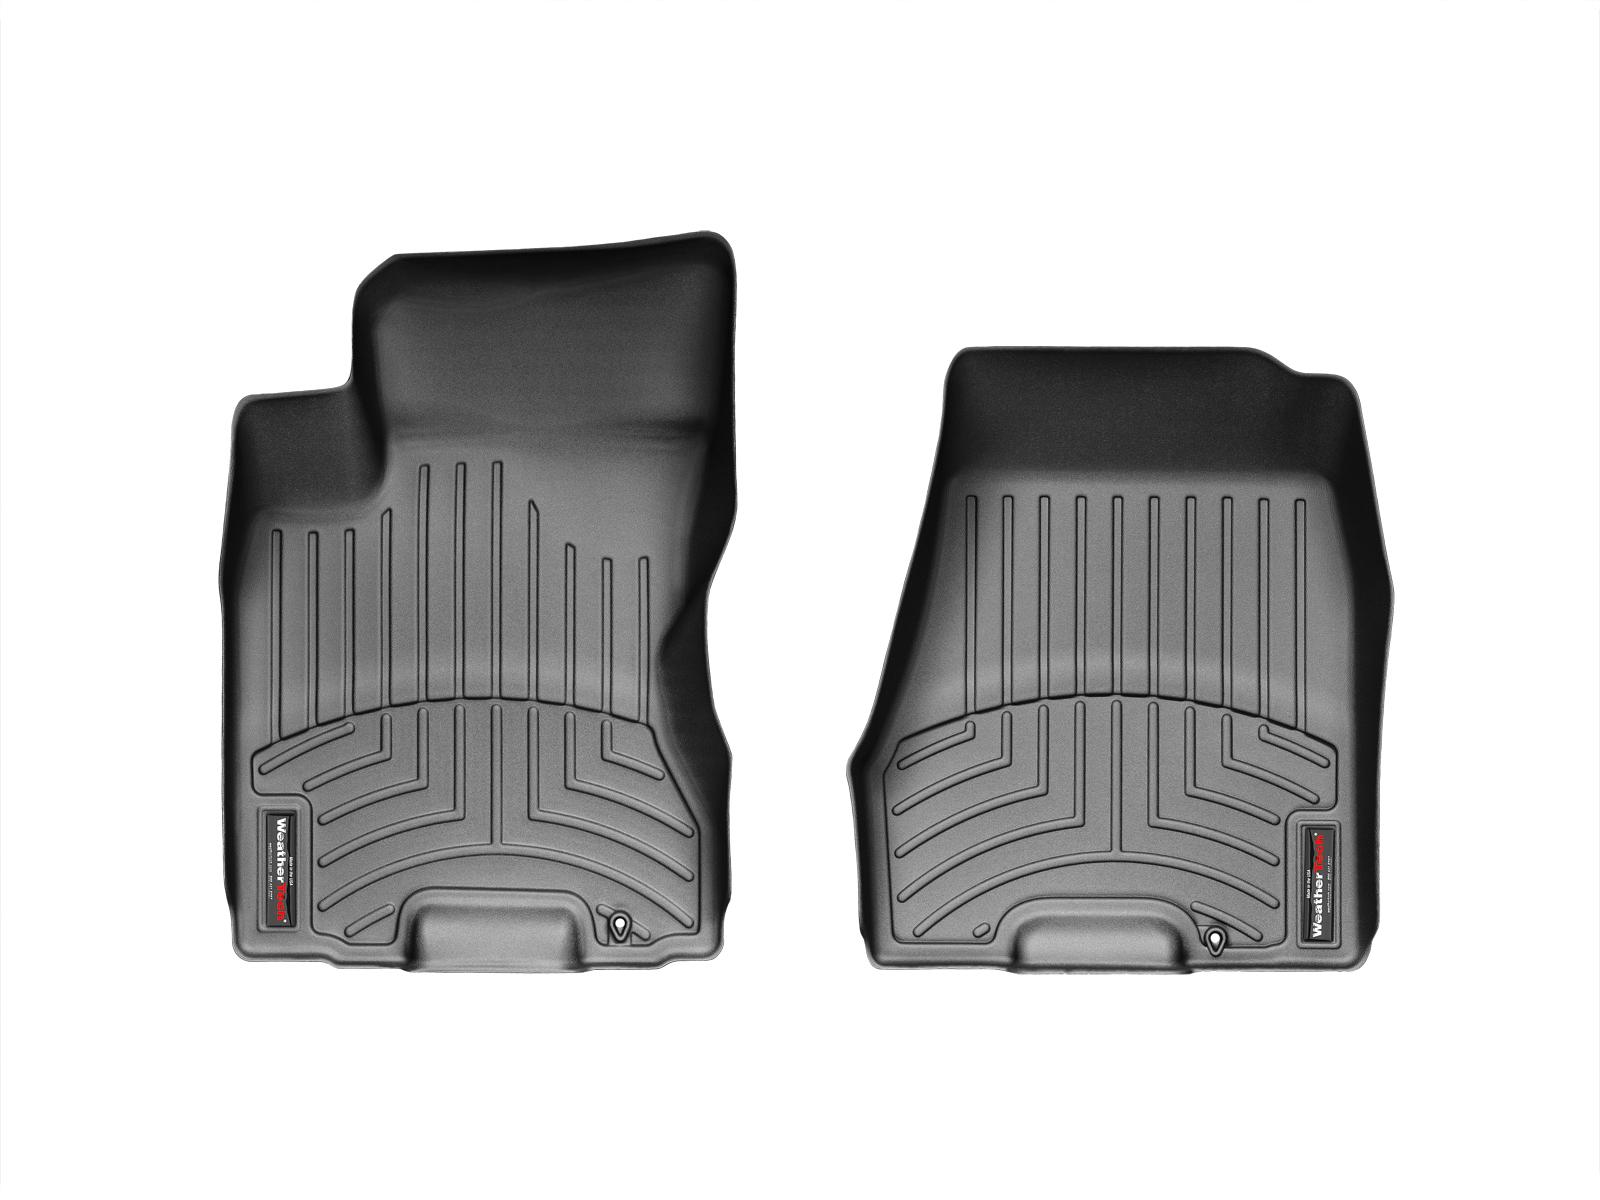 Tappeti gomma su misura bordo alto Nissan X-Trail 07>07 Nero A2923